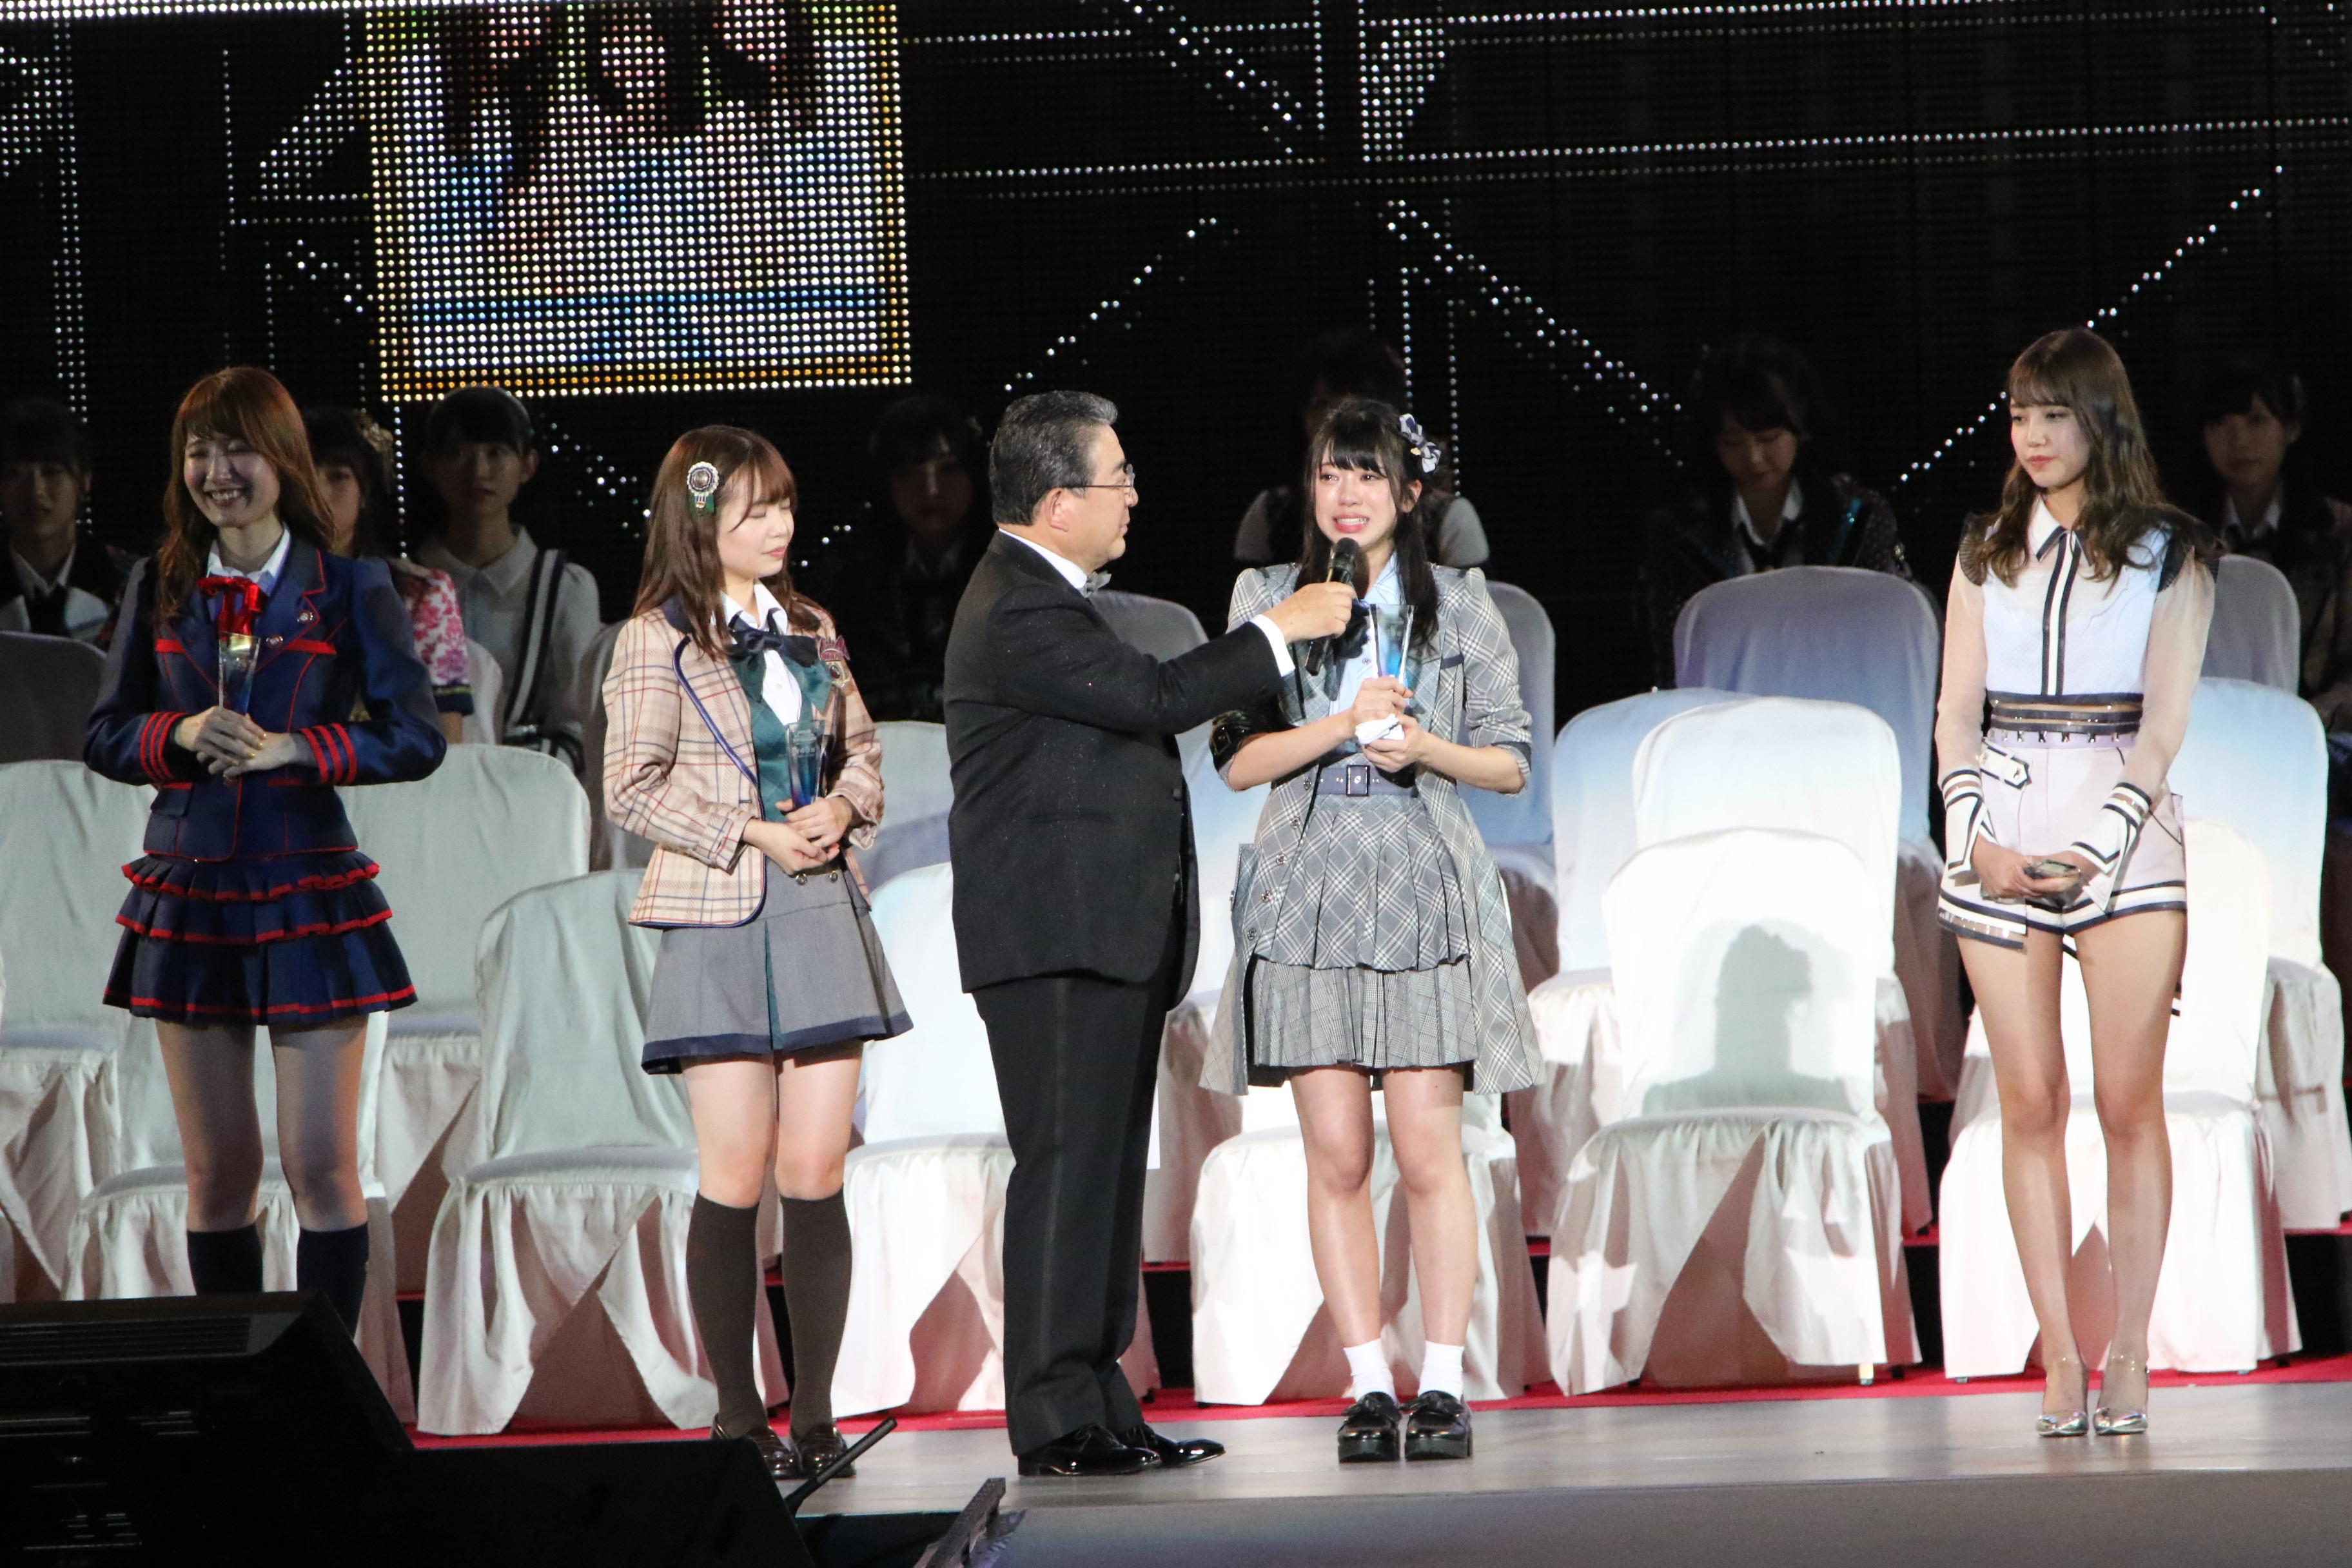 選抜総選挙のステージでの大西桃香「皆さんのおかげで最高の親孝行ができたと思います!ありがとうございます」